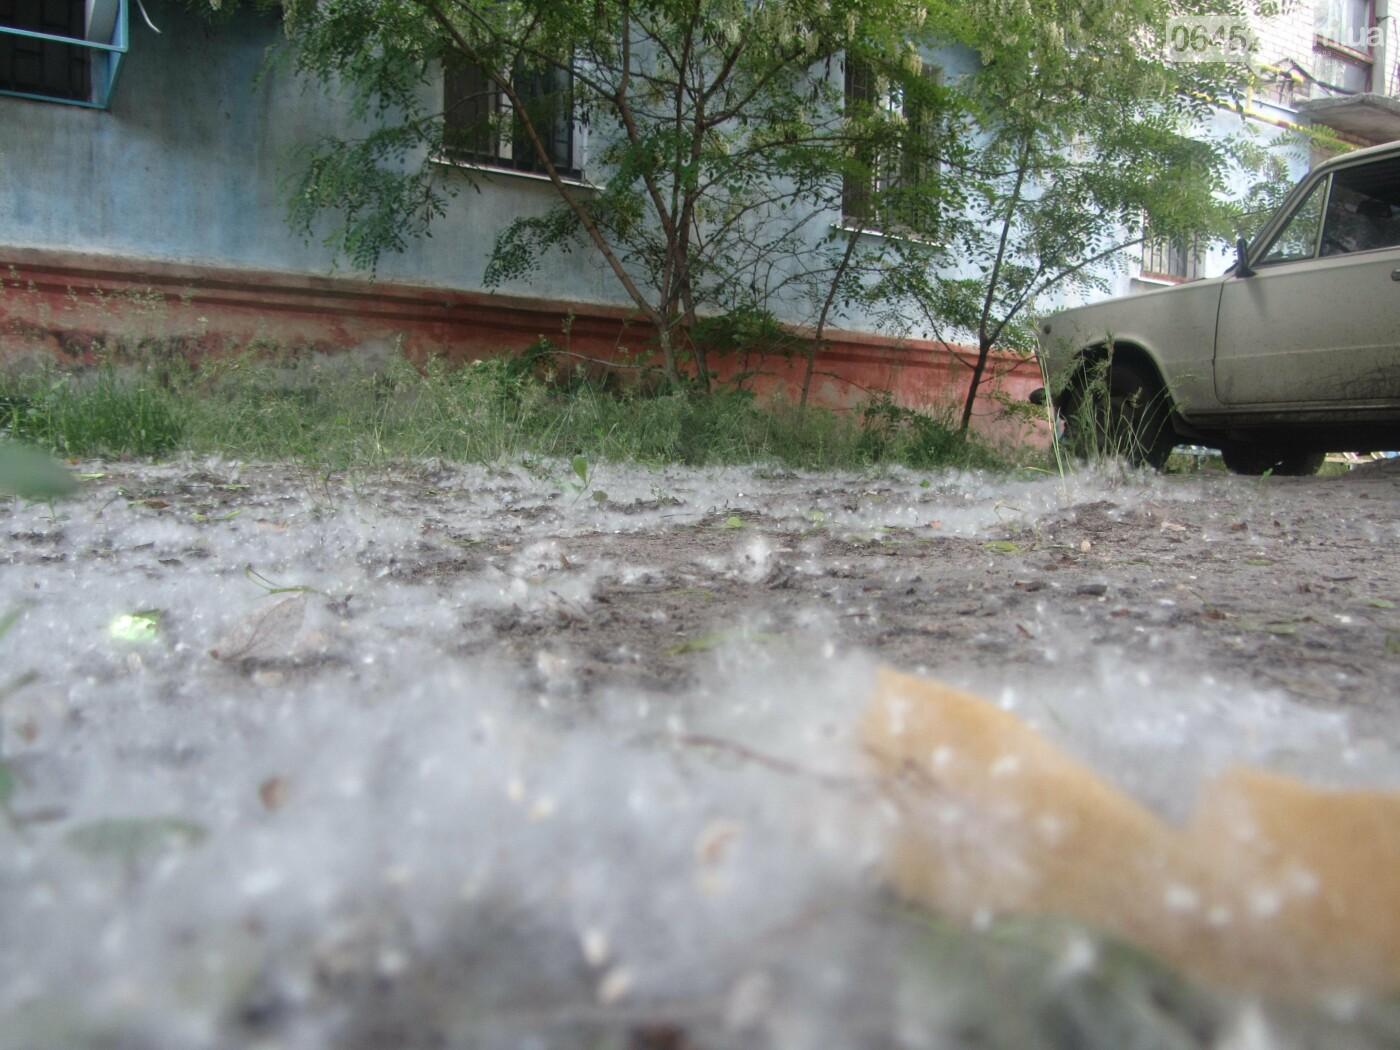 Сезон тополиного пуха в Северодонецке: страдают люди, автомобили и кондиционеры, фото-7